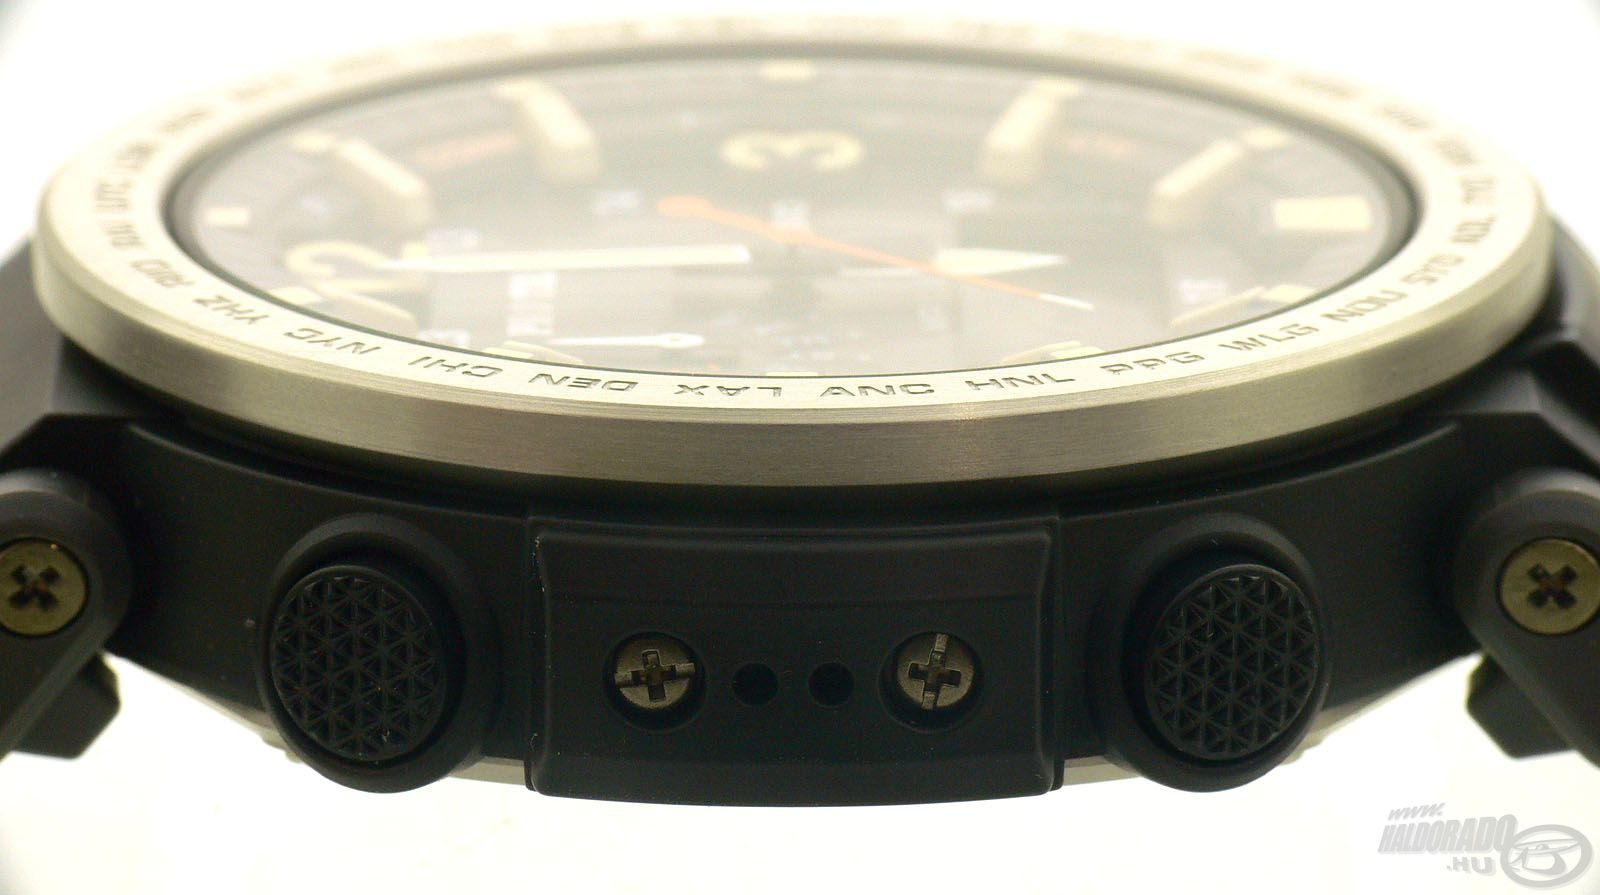 Oldalt található az órák szenzora, ami többek között a légnyomás, illetve a hőmérséklet precíz megállapításában segít